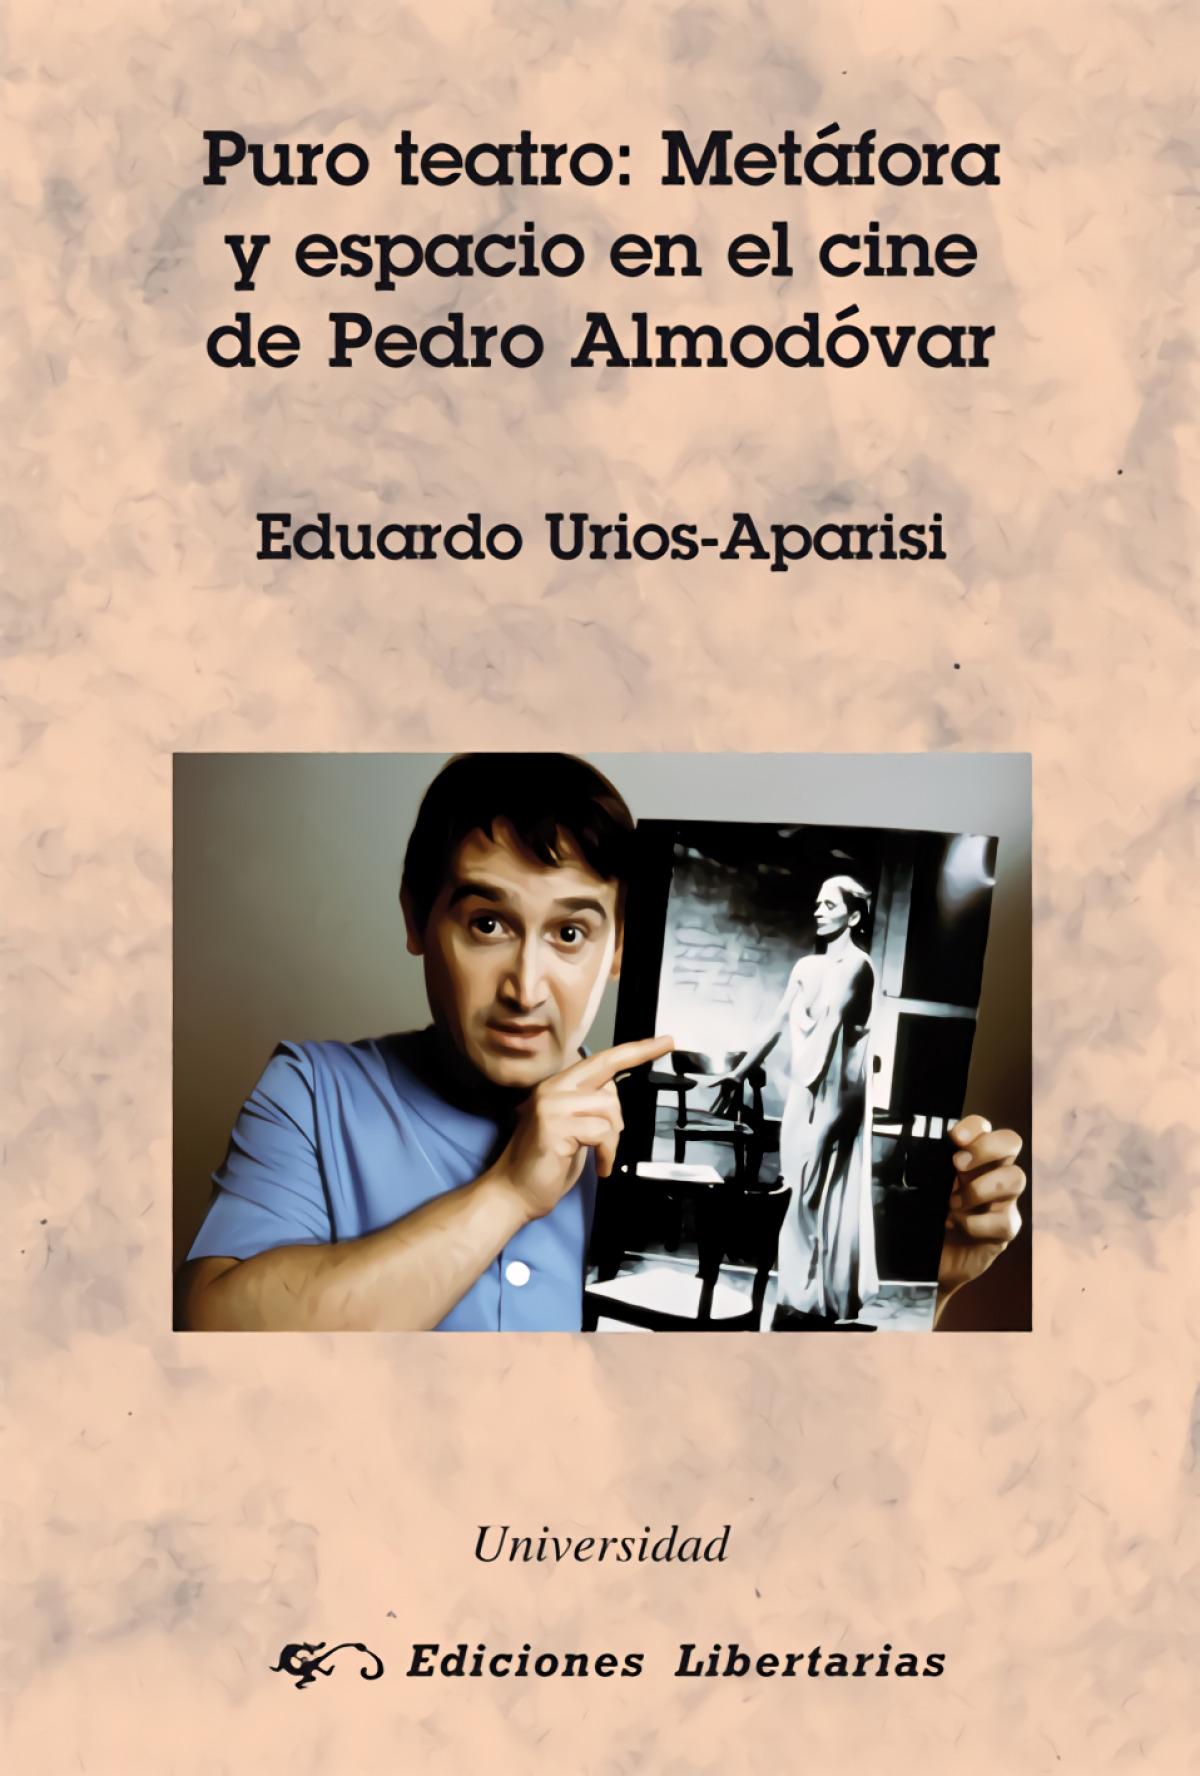 Puro teatro:metáfora y espacio en cine Pedro almodóvar